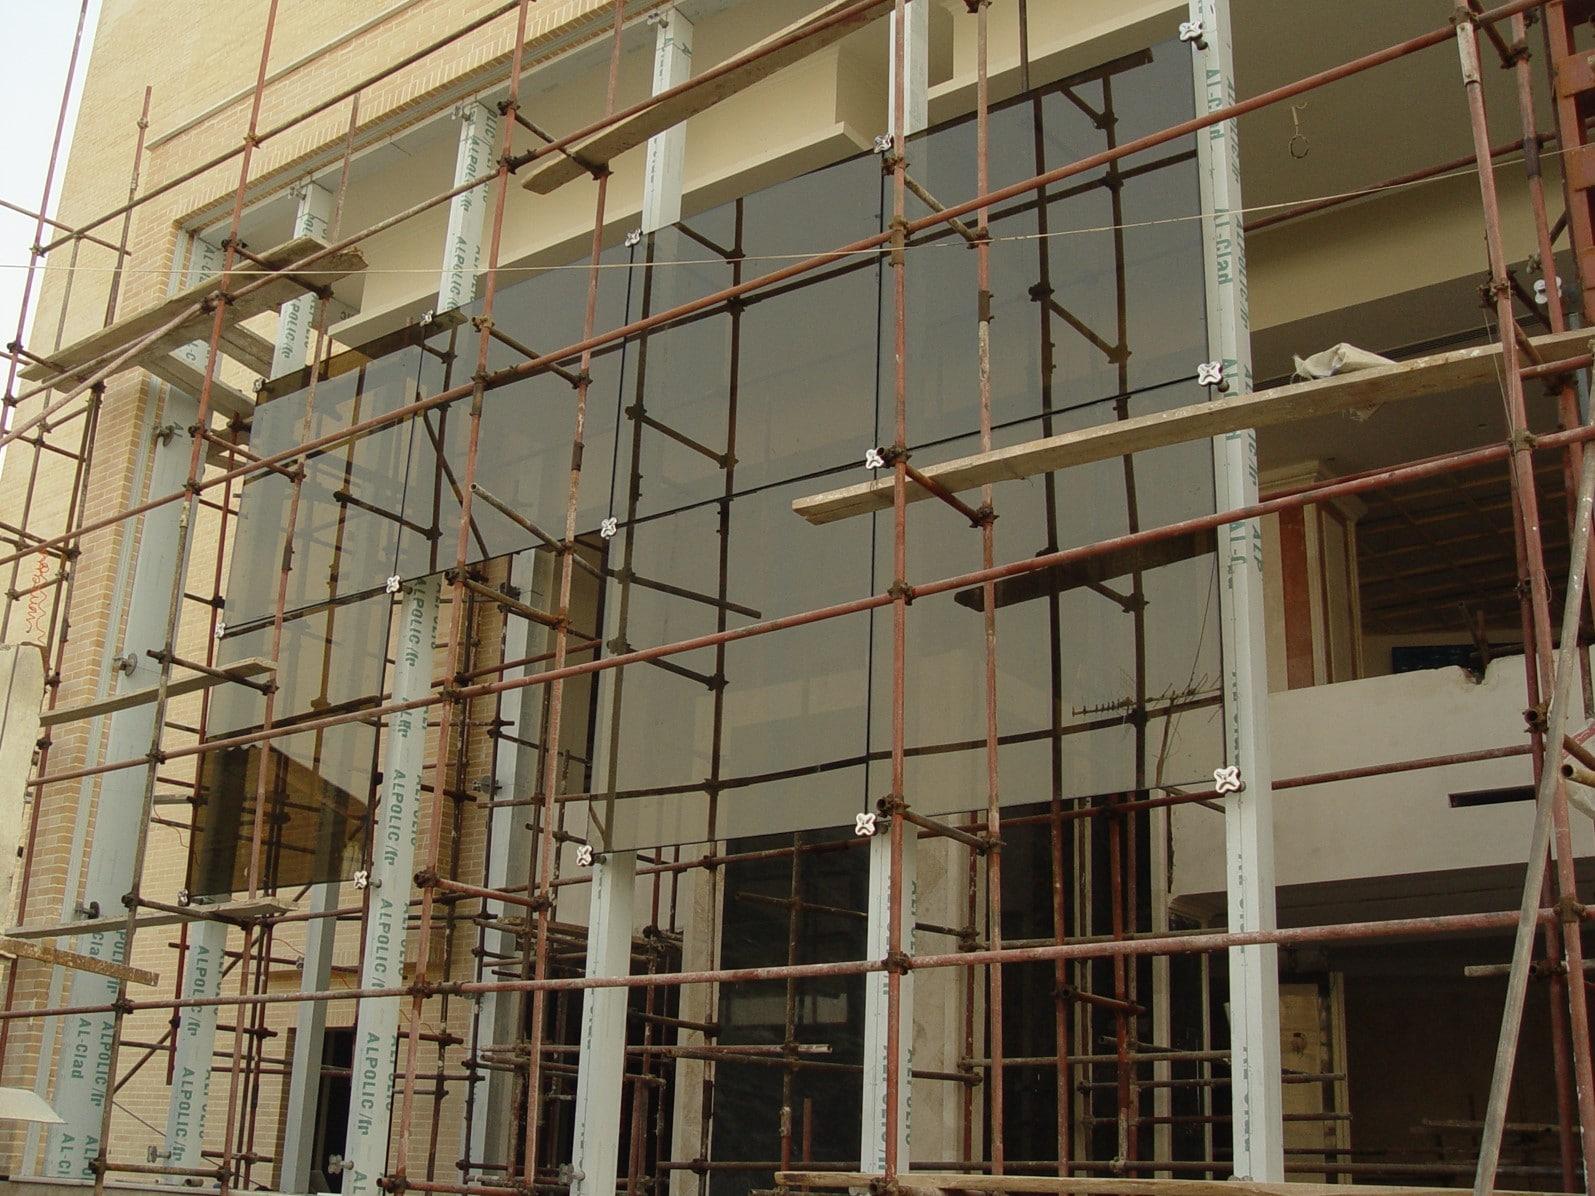 هتل معین مشهد در حال اجرای نمای شیشه ای